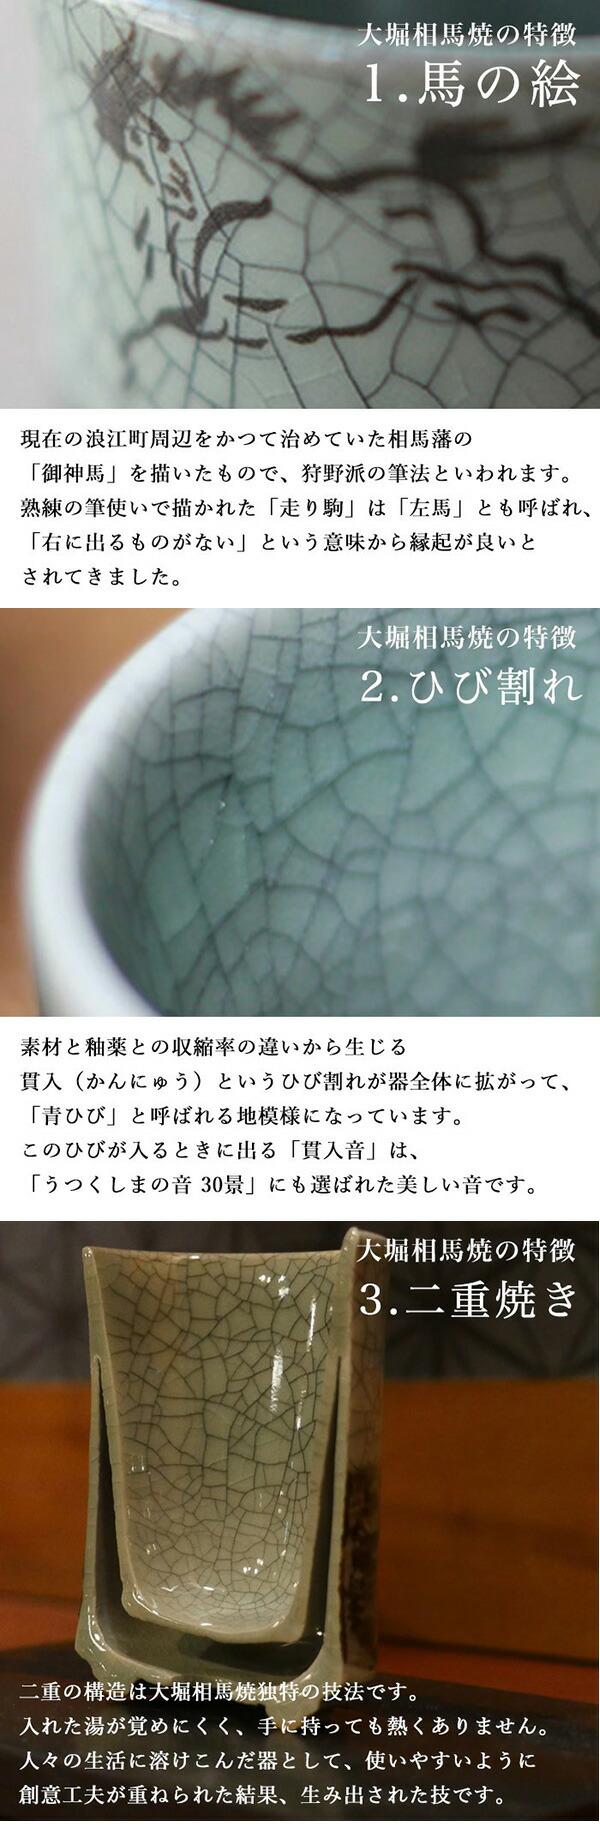 大堀相馬焼説明2